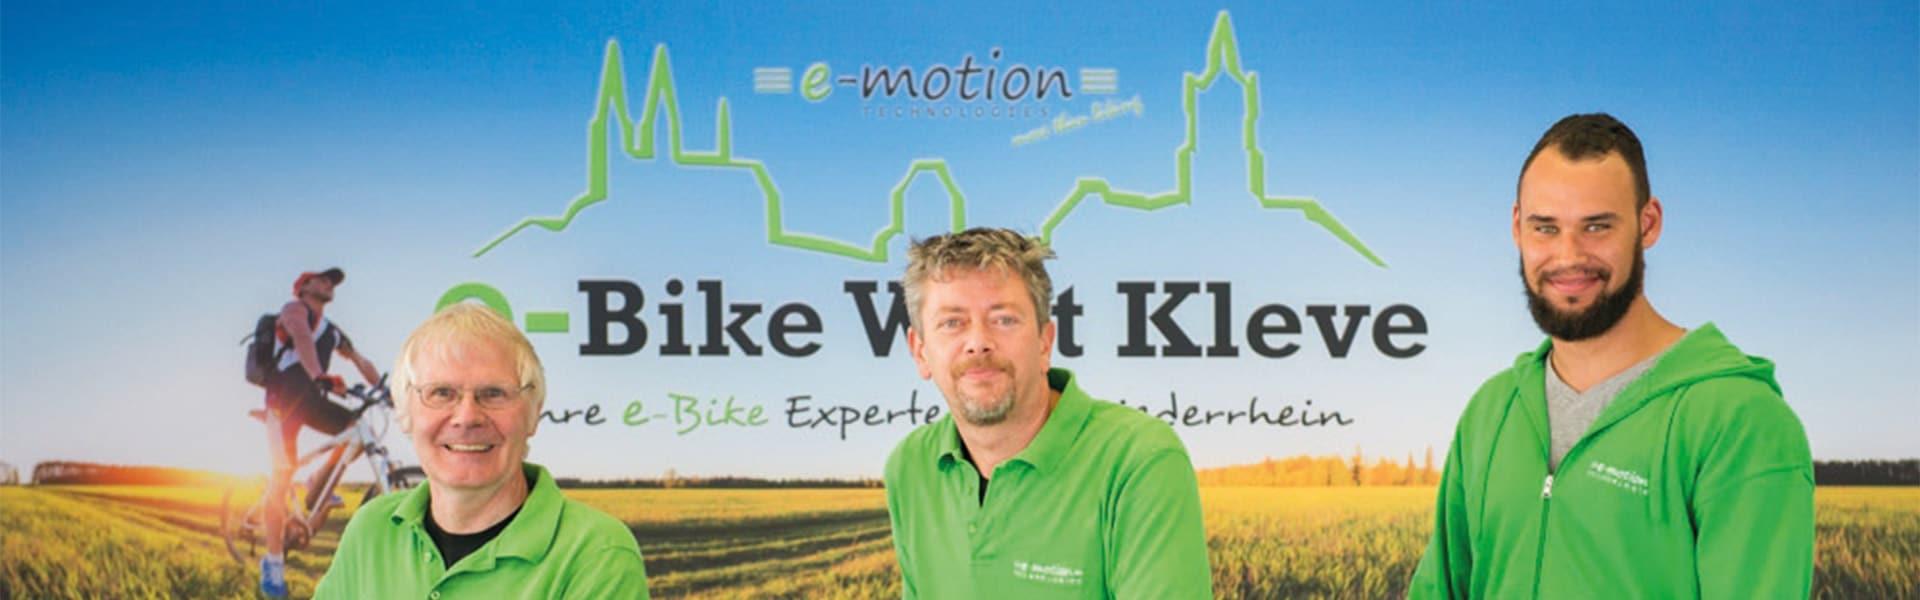 Das Team der e-motion e-Bike Welt Kleve